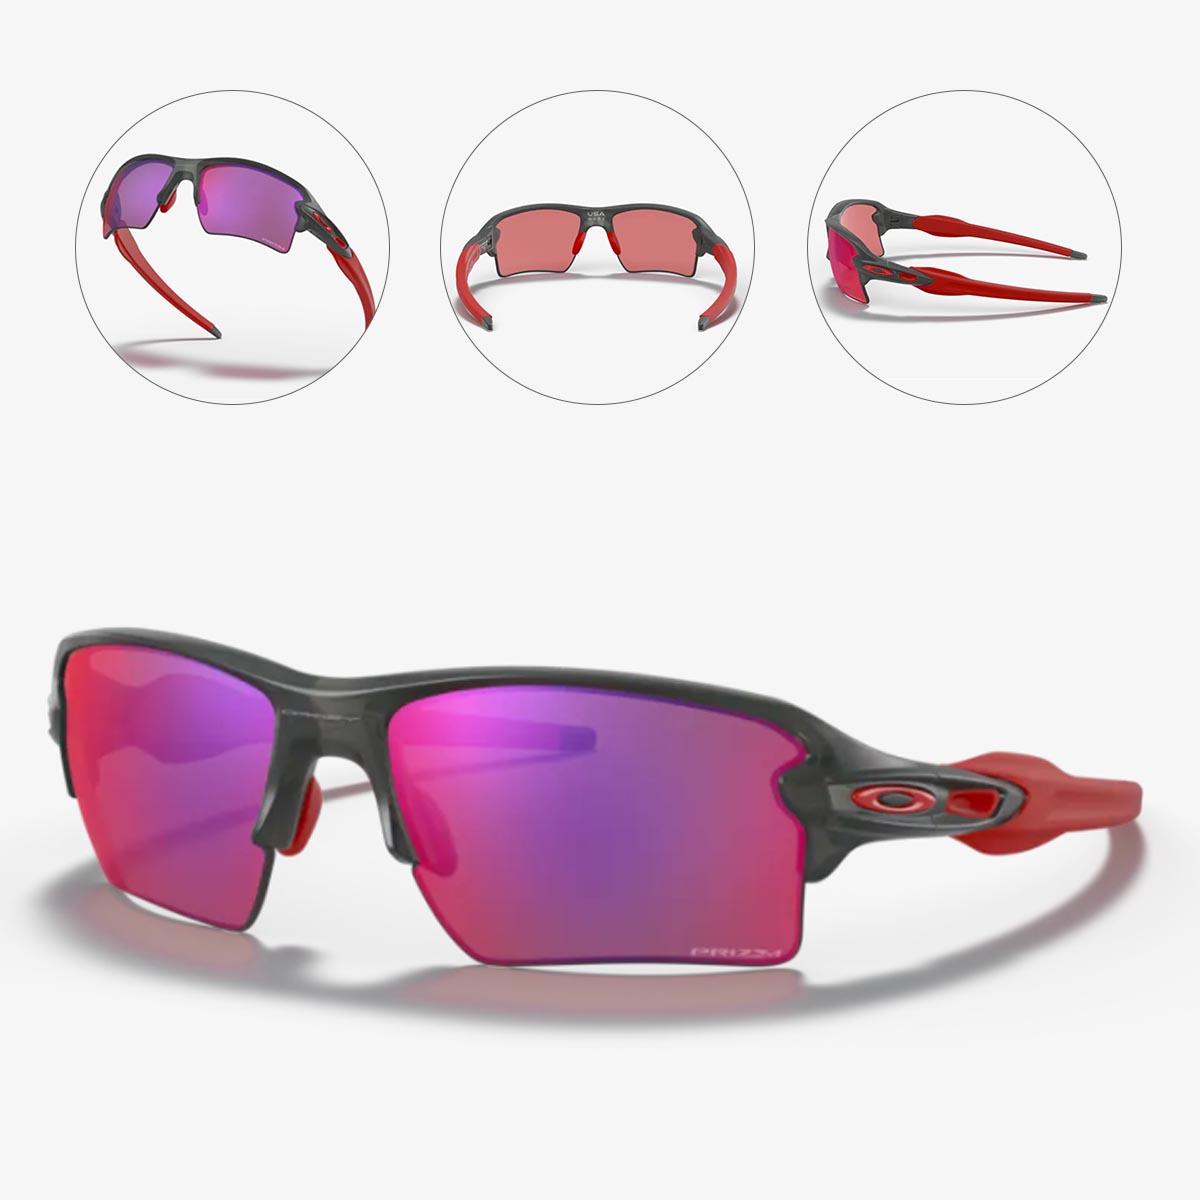 Oculos Para Ciclismo Oakley Flak 2.0 XL Cinza e Vermelho Com Lente Prizm Road Espelhada Vermelha